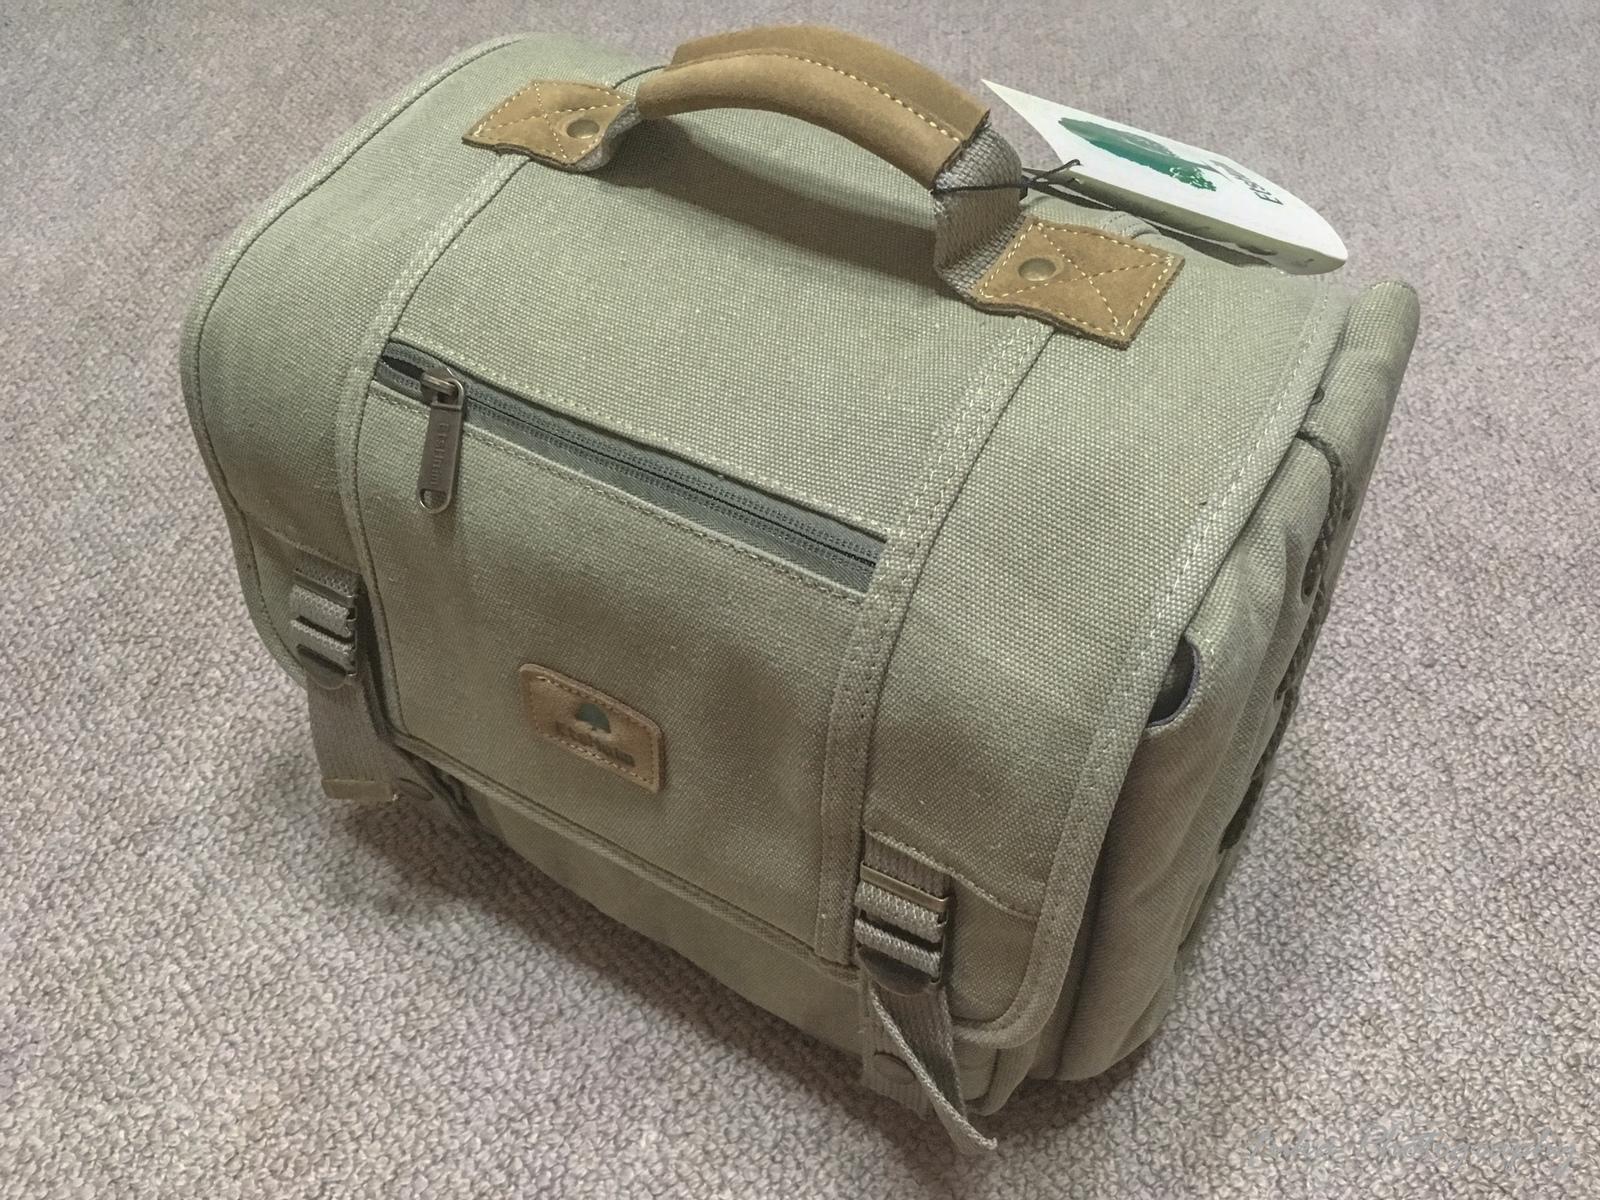 EtsHaim A450 CANVAS BAG